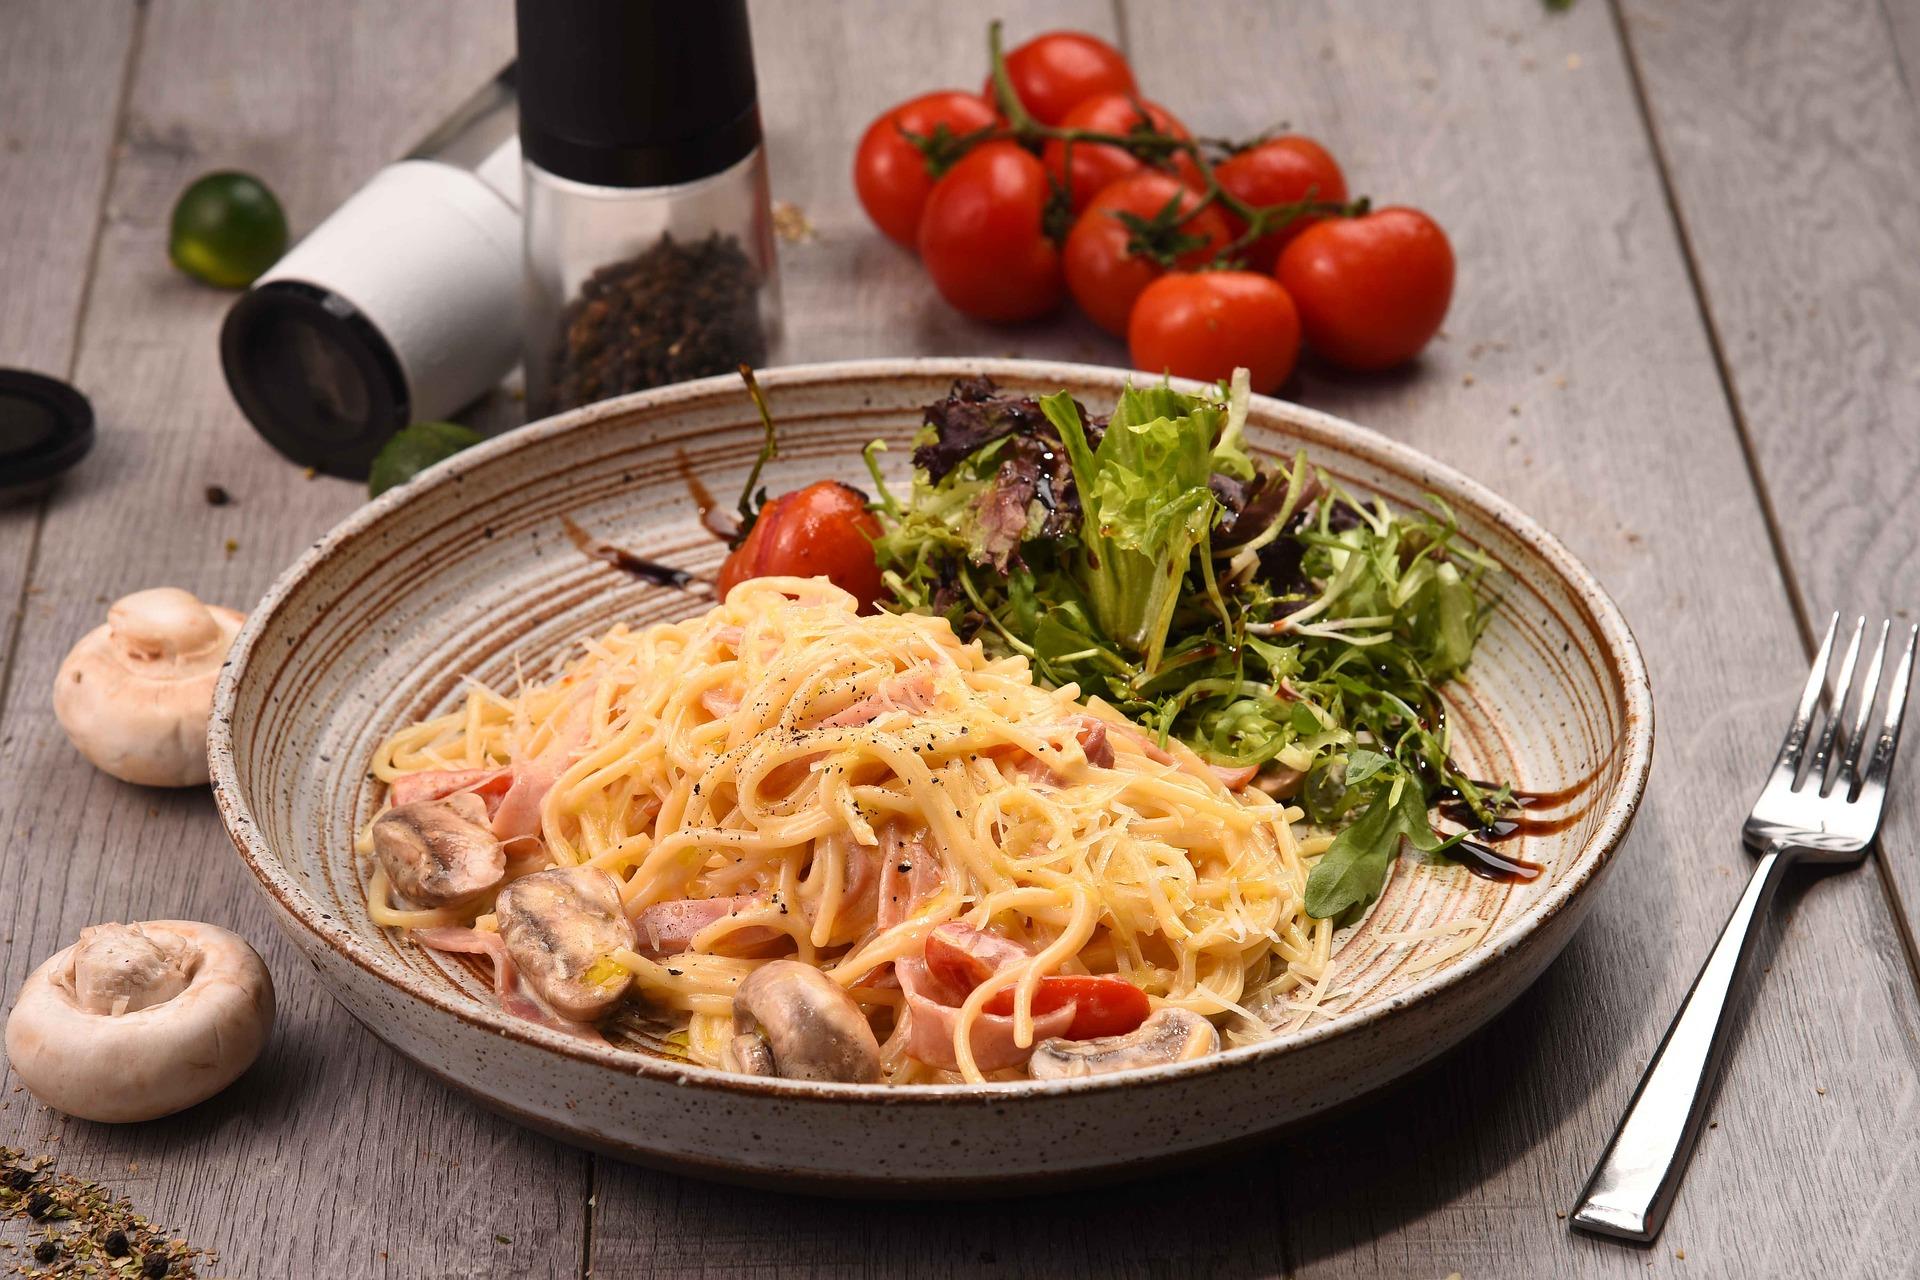 Tydzień włoski - szeroki wybór wędlin, serów i makaronów